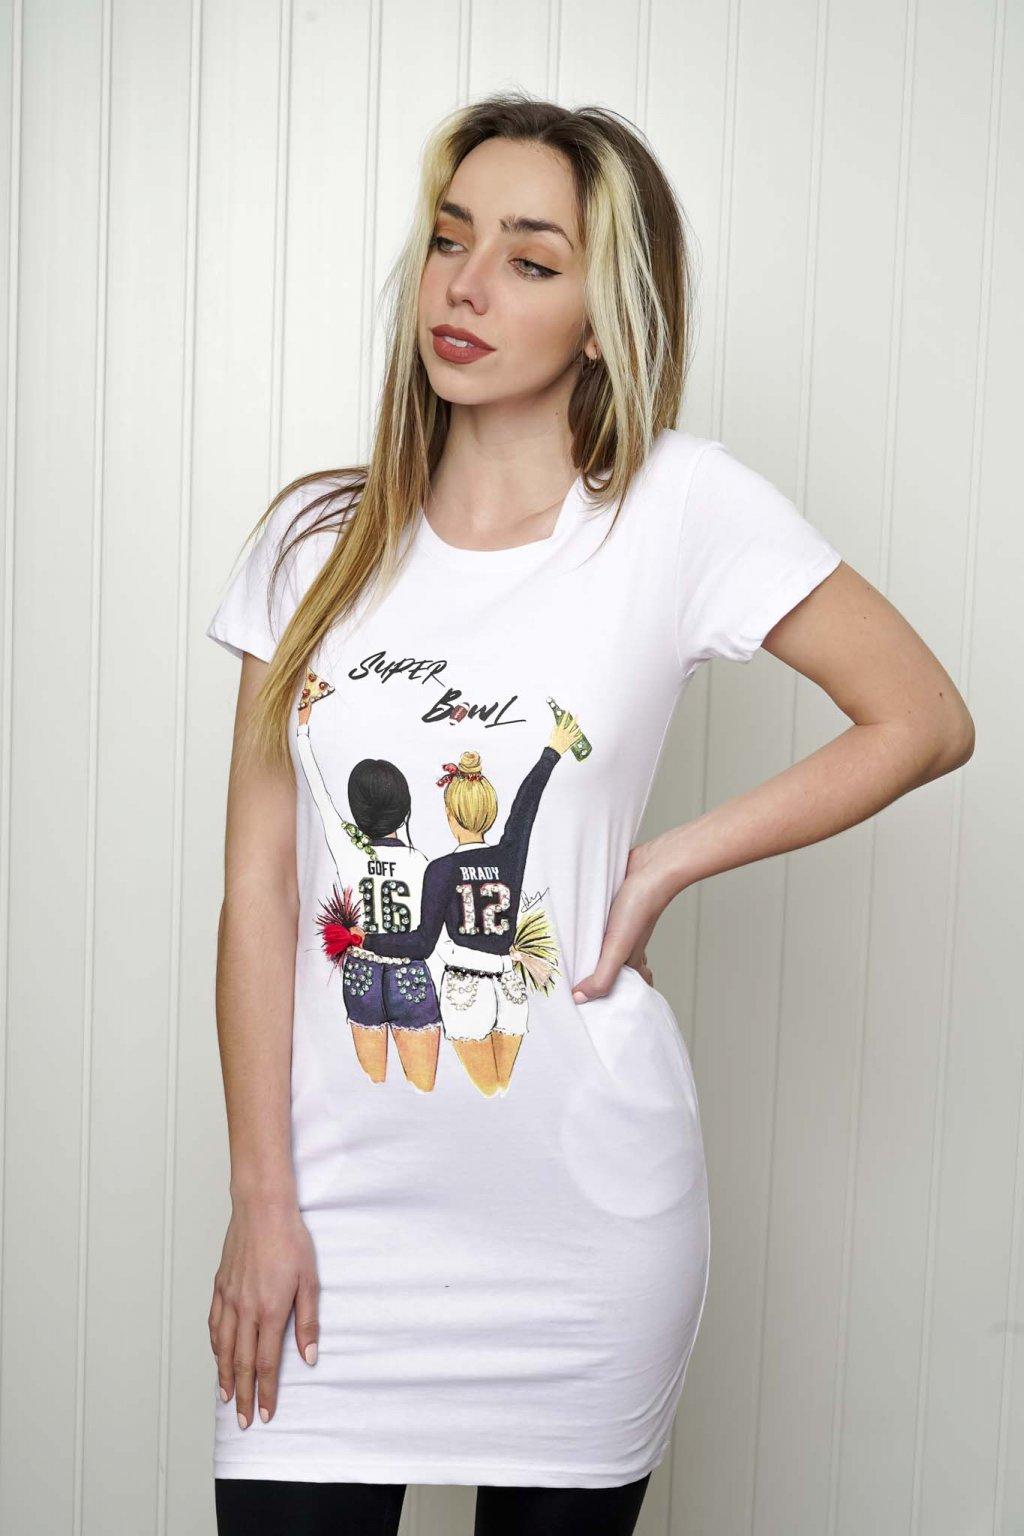 tričko, tričkové šaty, biele, čierne, žlté, vzorované, potlač, vyšívané, nášivky, fialové, street style, 220